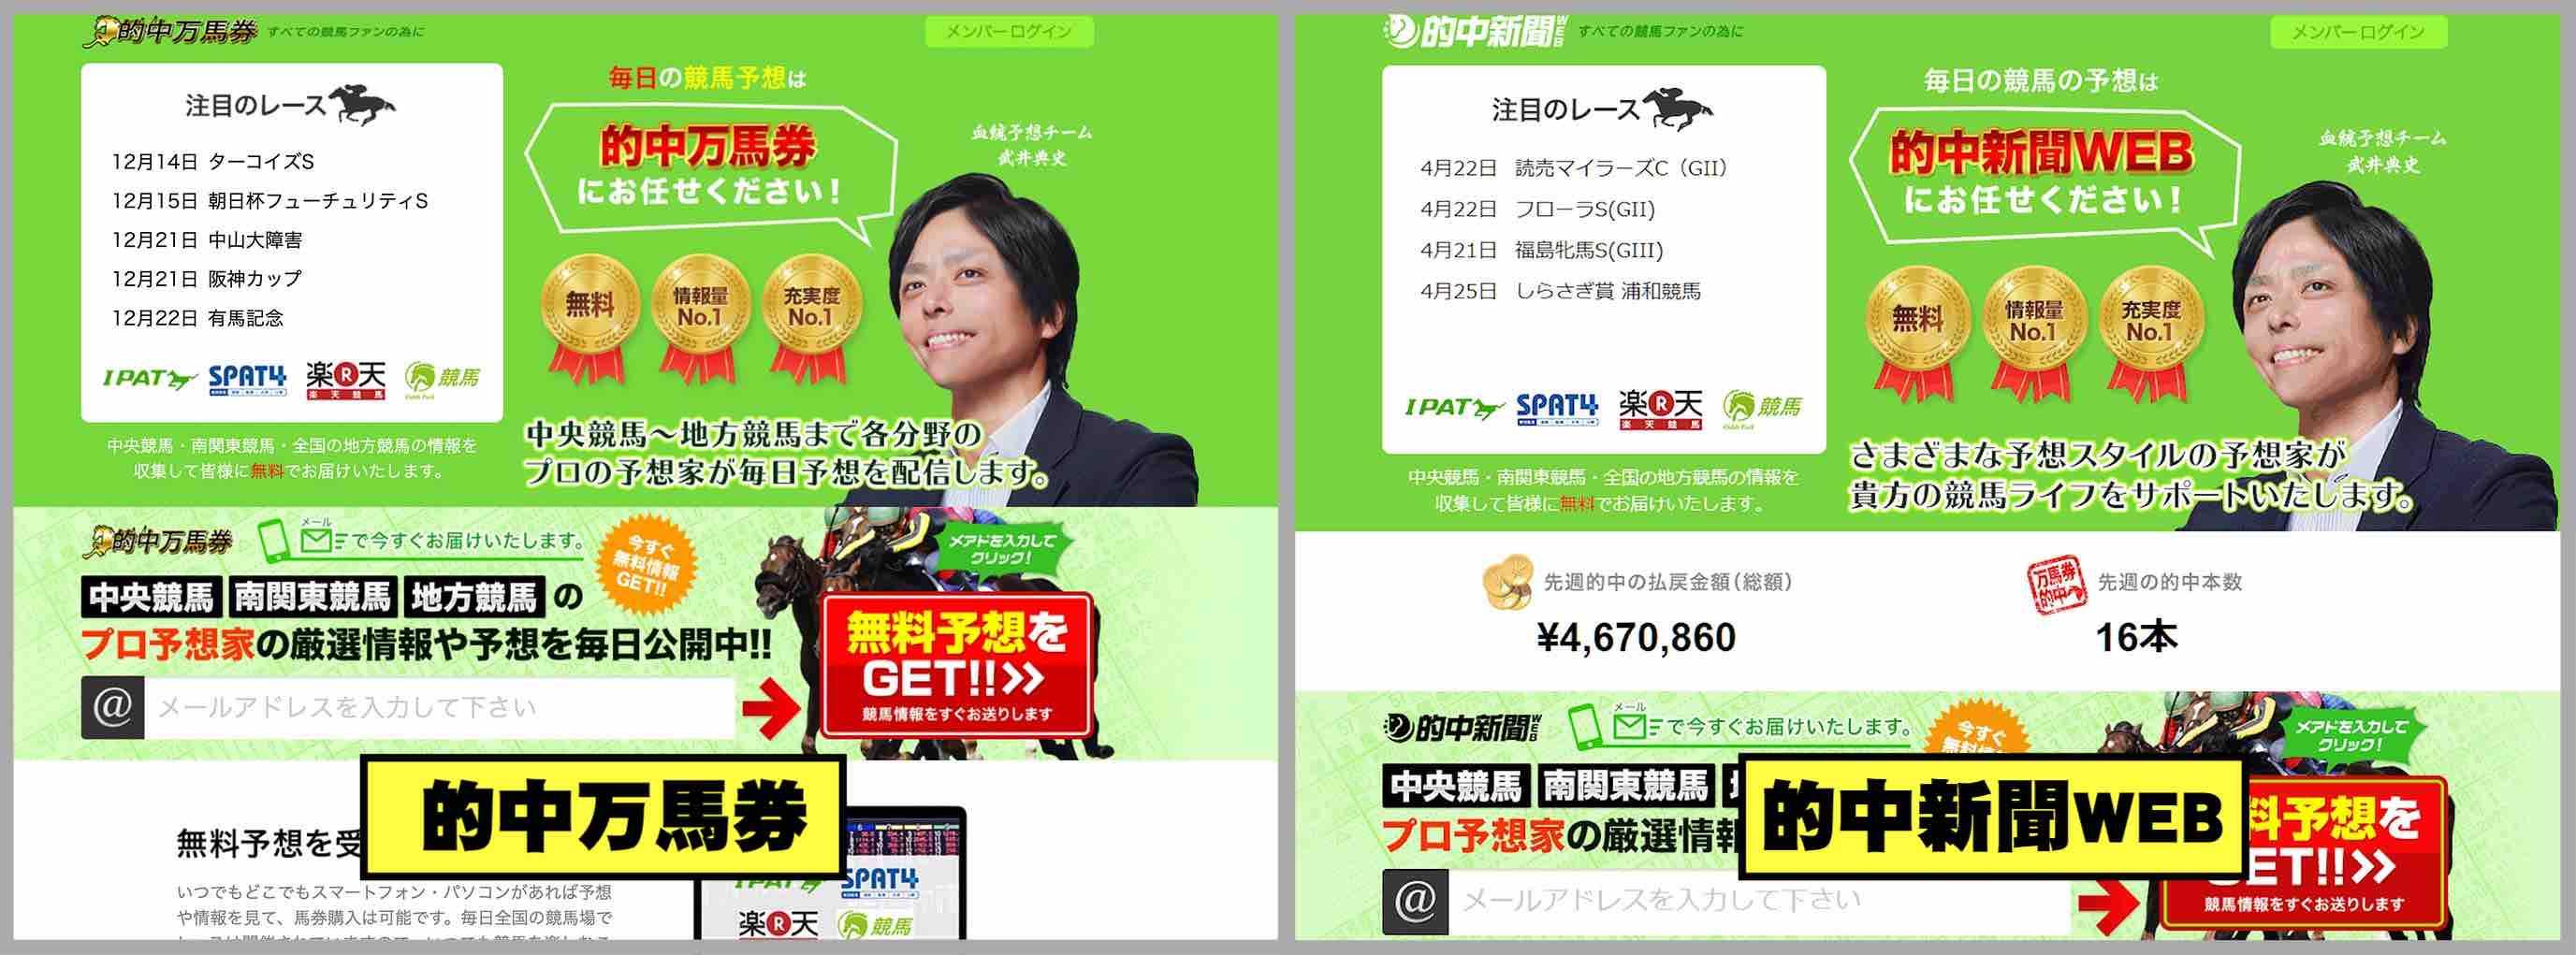 的中万馬券という競馬予想サイトへリニューアルした的中新聞WEB